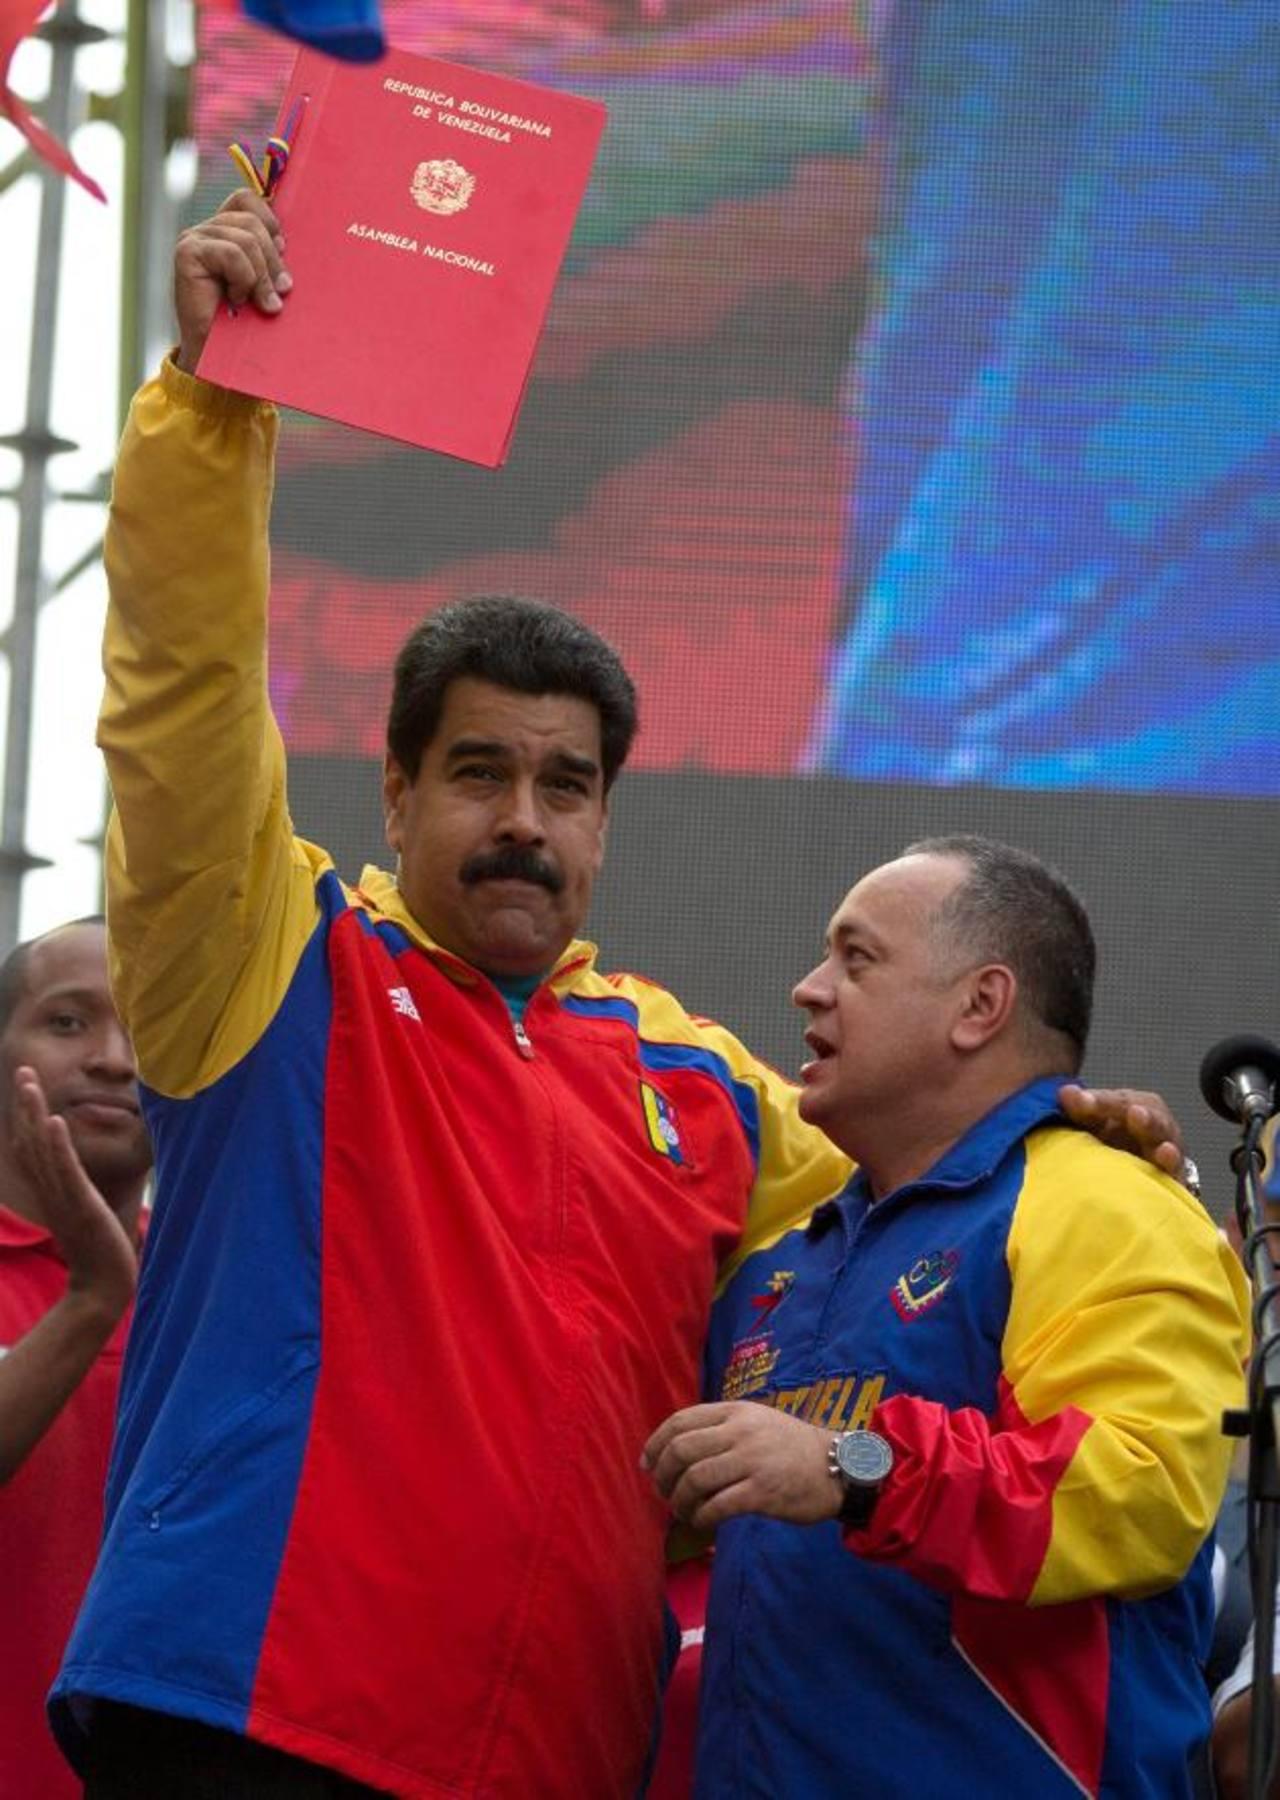 El gobernante chavista, Nicolás Maduro (iz), recibió de la mano del jefe de la Asamblea Nacional, Diosdado Cabello, la segunda Ley Habilitante aprobada ayer. foto edh / ap